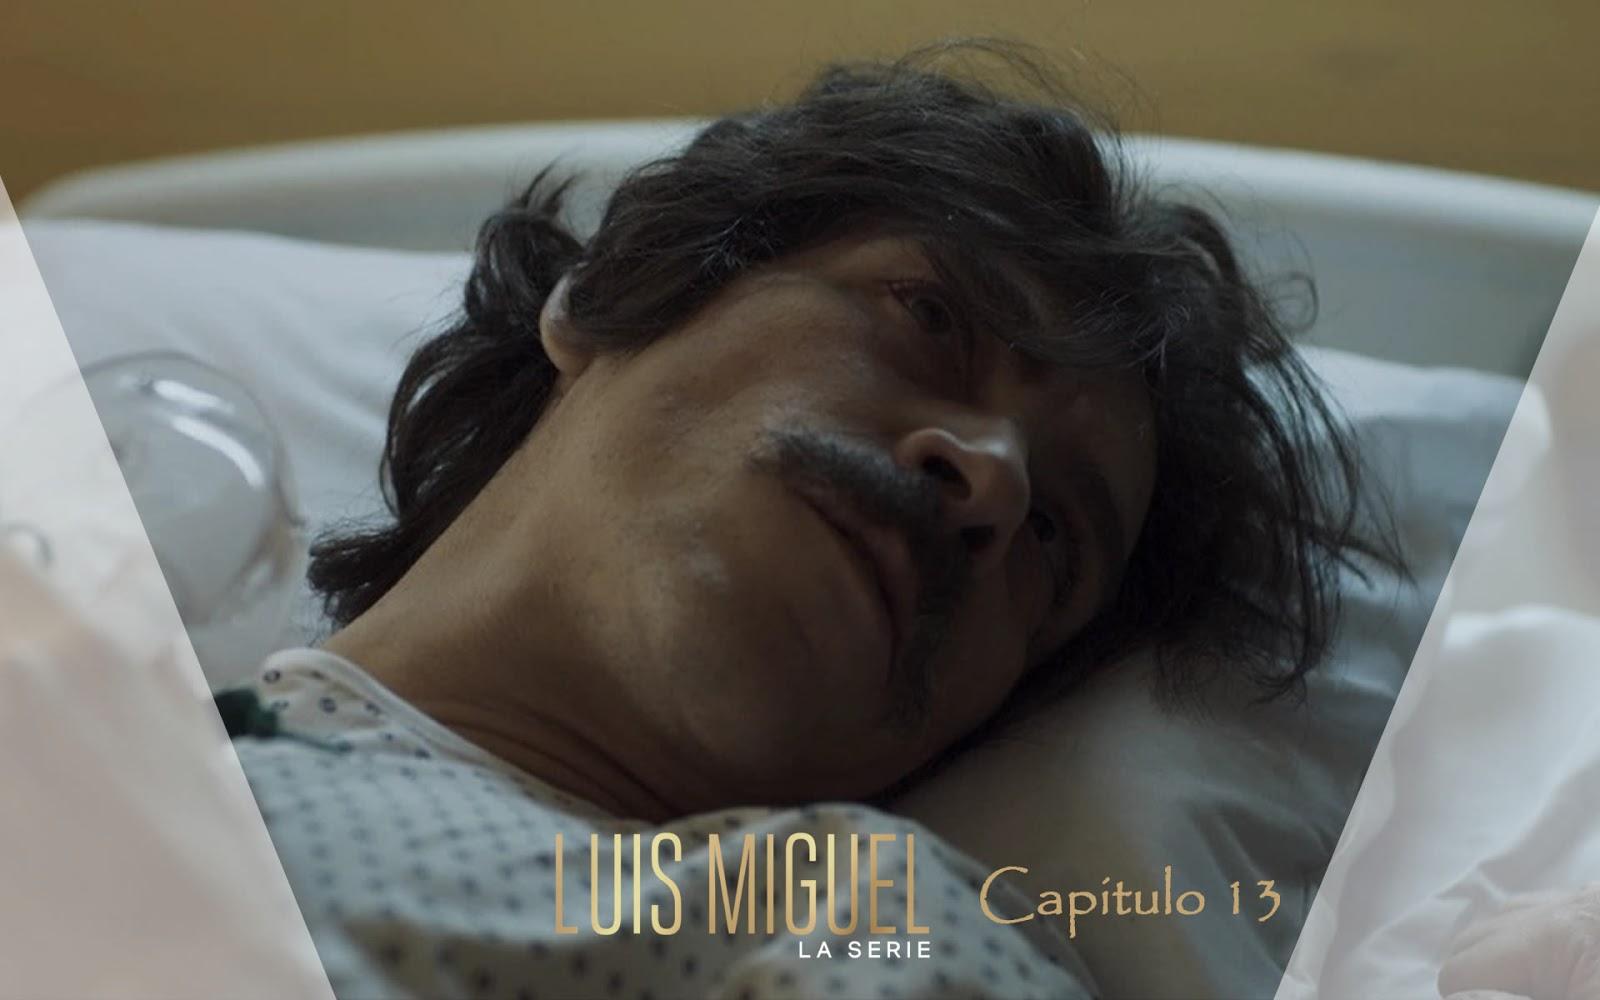 Luis Miguel LA SERIE Capítulo 13